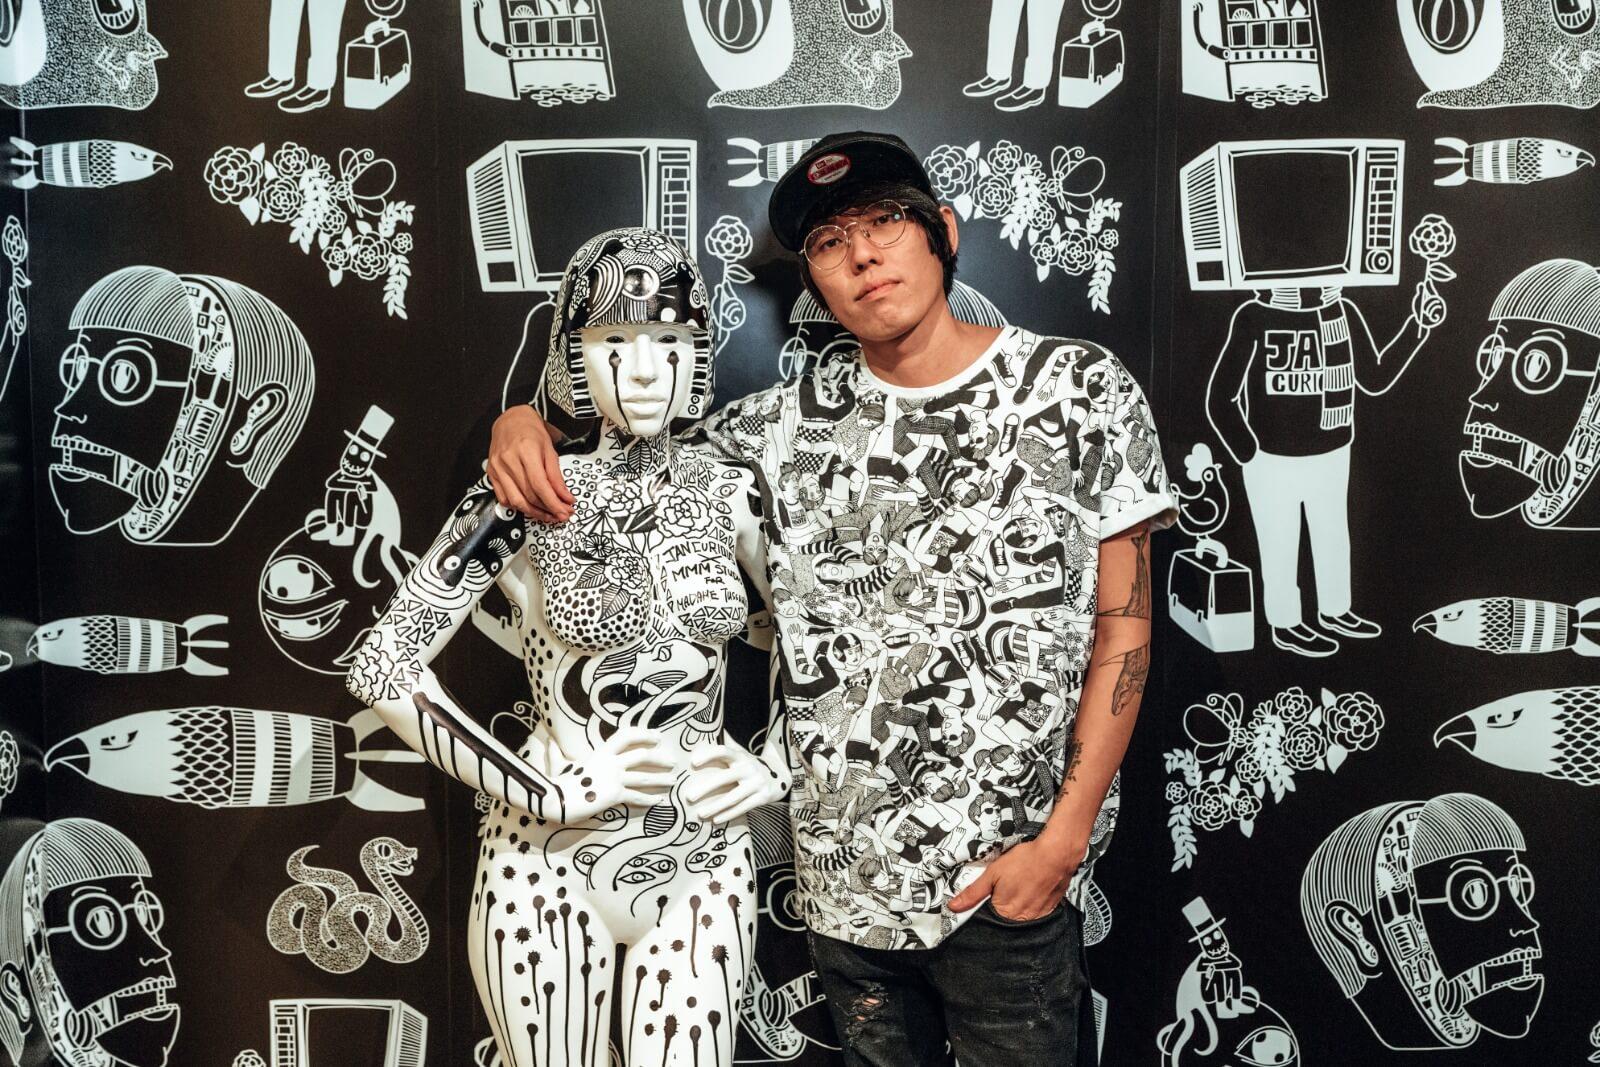 香港杜莎夫人蠟像館找來Jan Curious合作,為場館創作一系列巨型插圖壁畫及全球獨有的Lady Gaga塗鴉像。